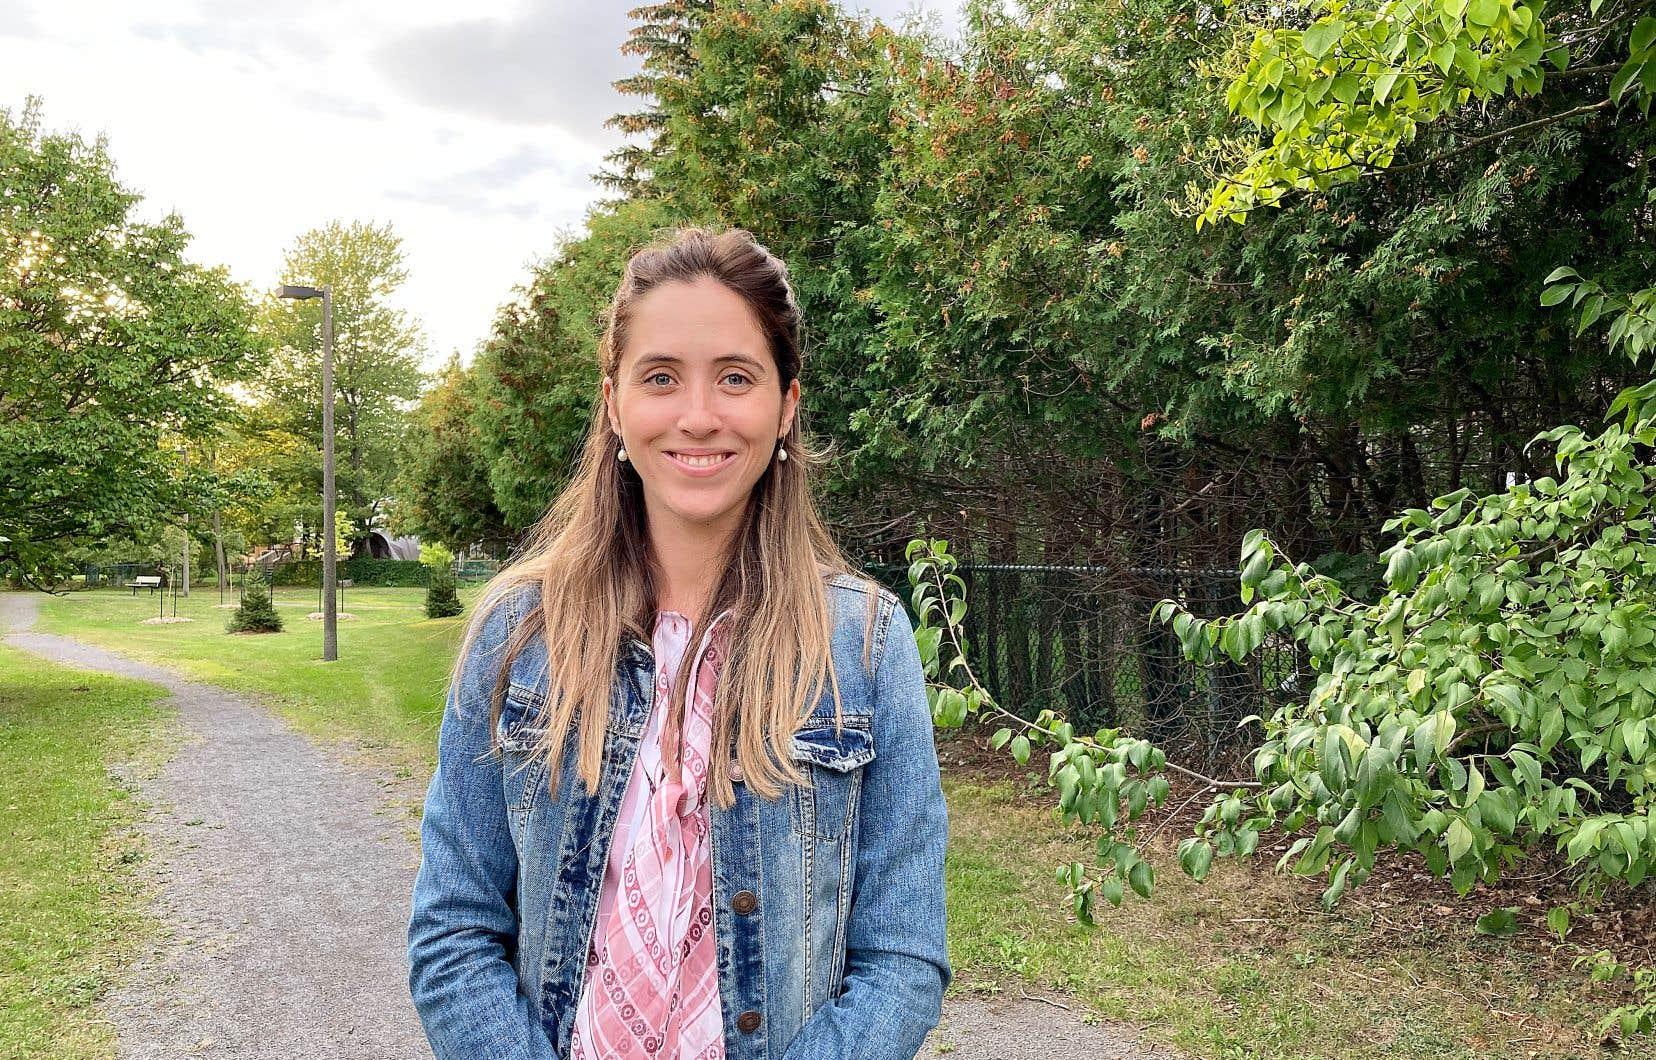 La candidate libérale dans Longueuil–Saint-Hubert, Florence Gagnon, se présente contre le député bloquiste Denis Trudel, qui avait été élu avec un peu plus de 2500 voix d'avance face à l'opposition libérale lors des dernières élections fédérales, en 2019.